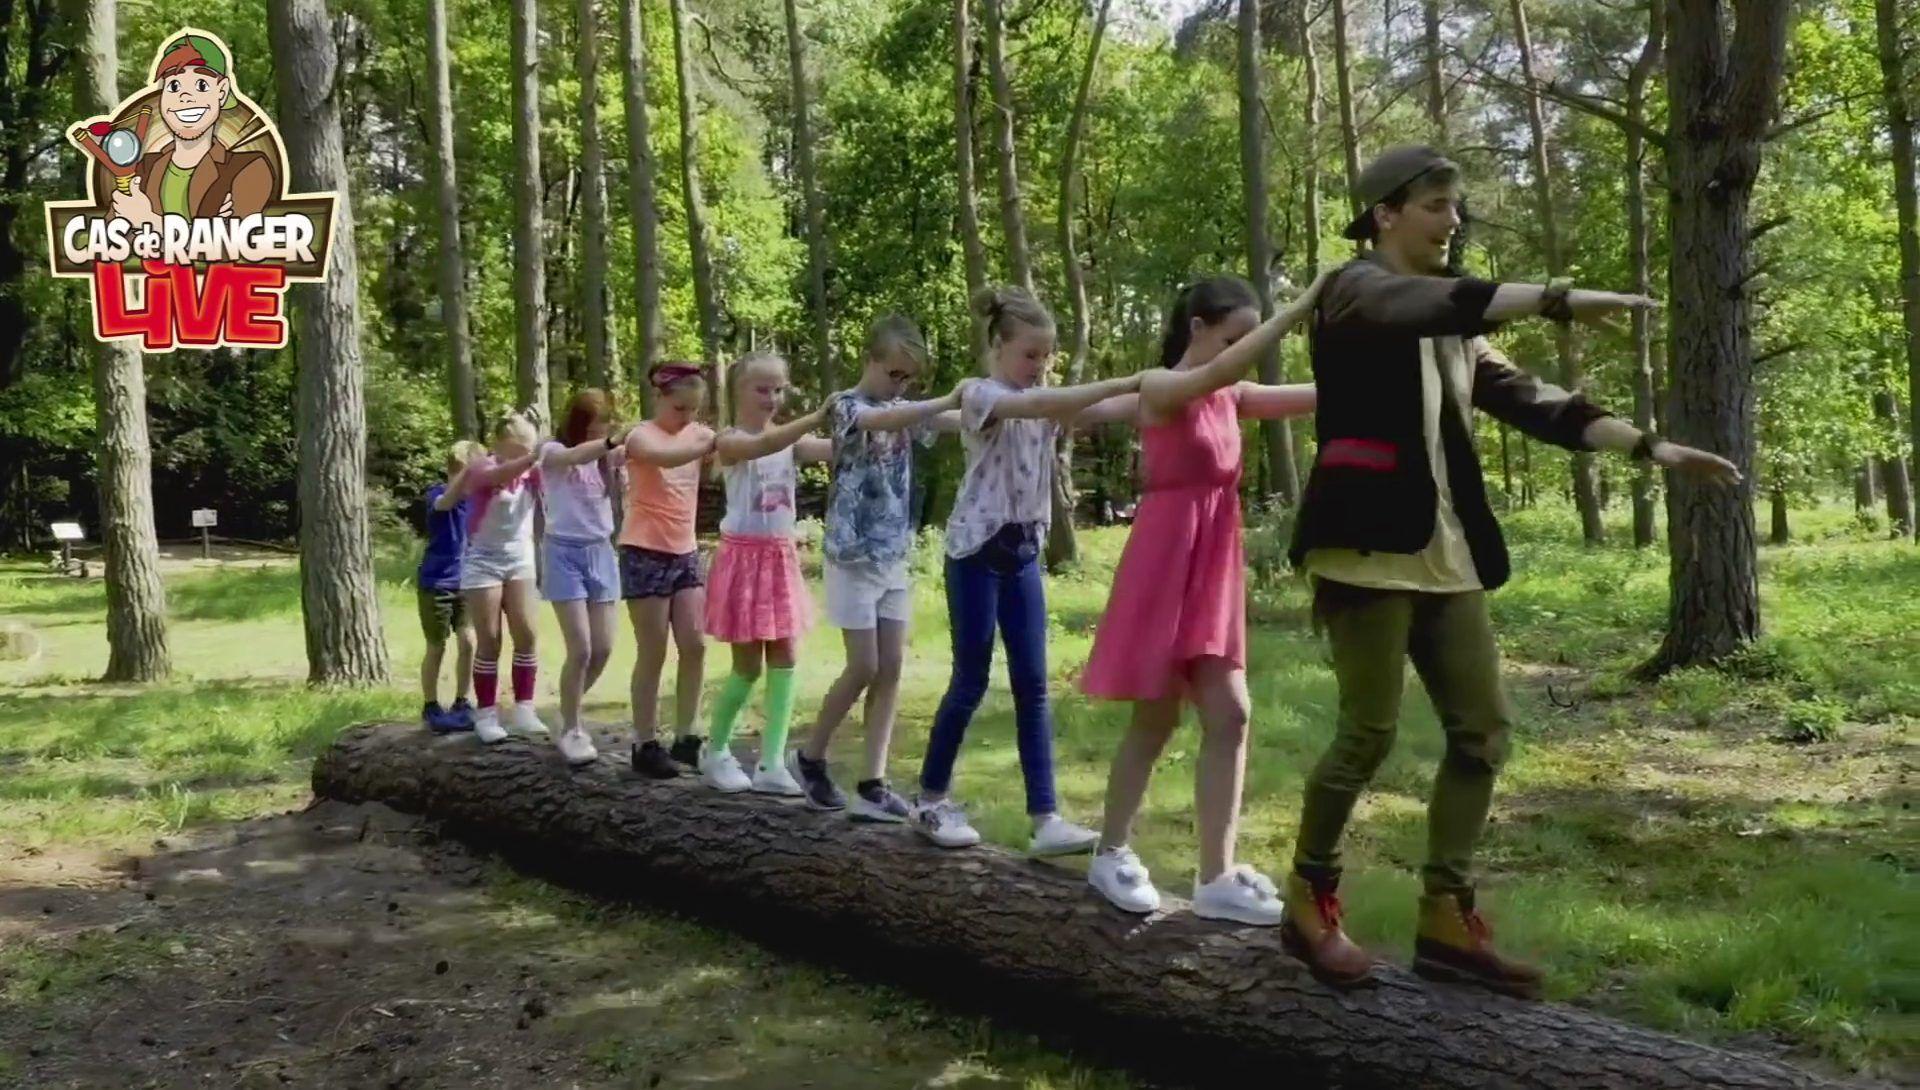 Superleuke Lentweken Kinderpretpark Julianatoren Cas de Ranger 2